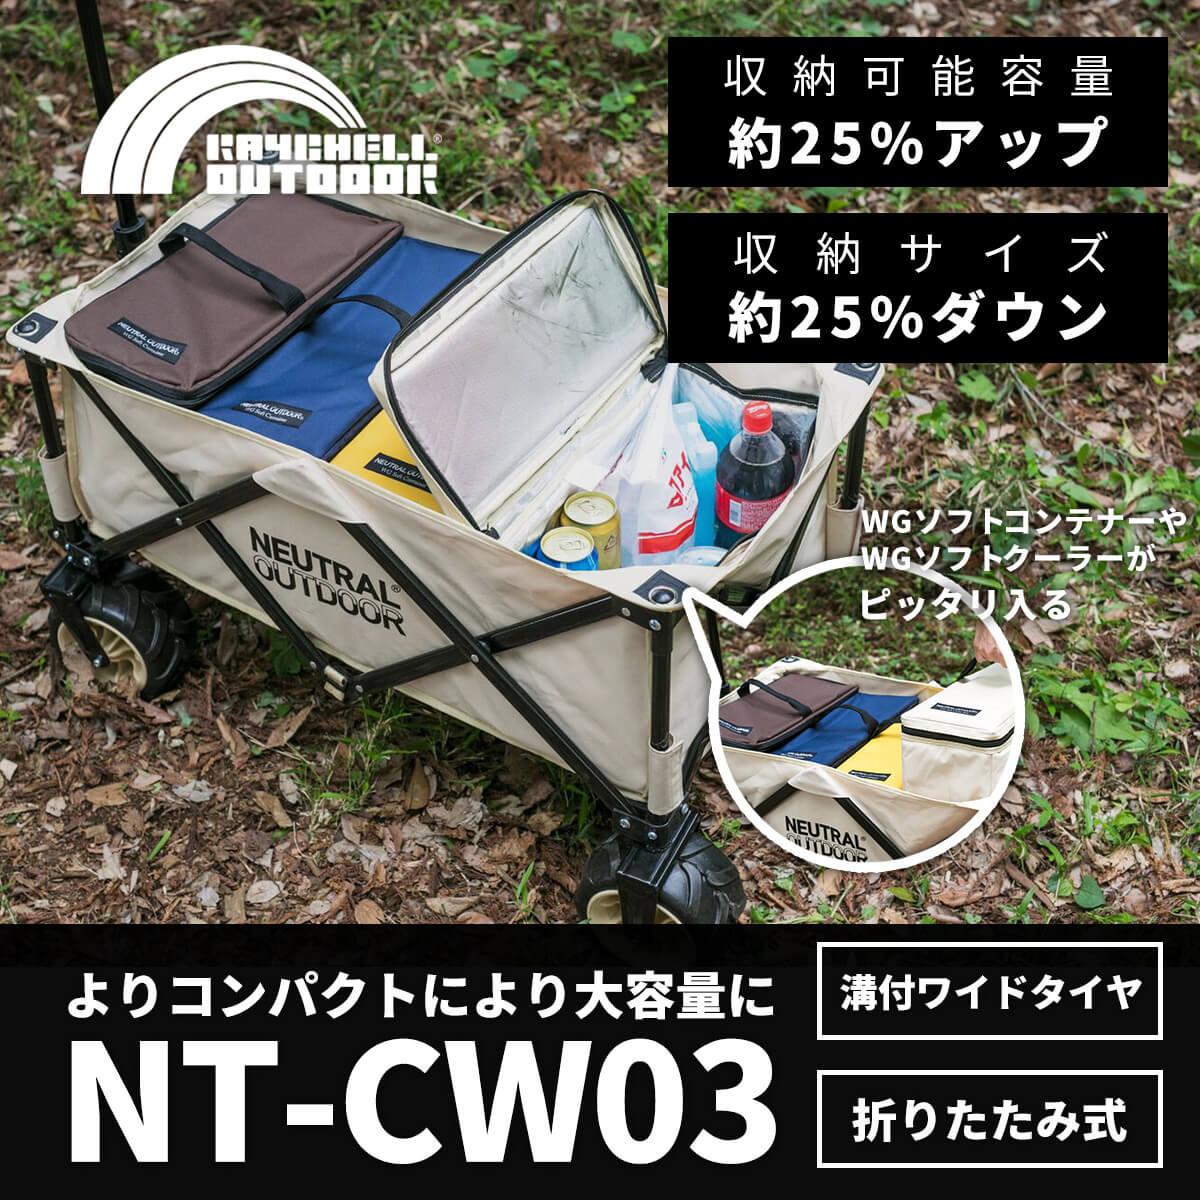 キャリーワゴン NT-CW03 商品リンク